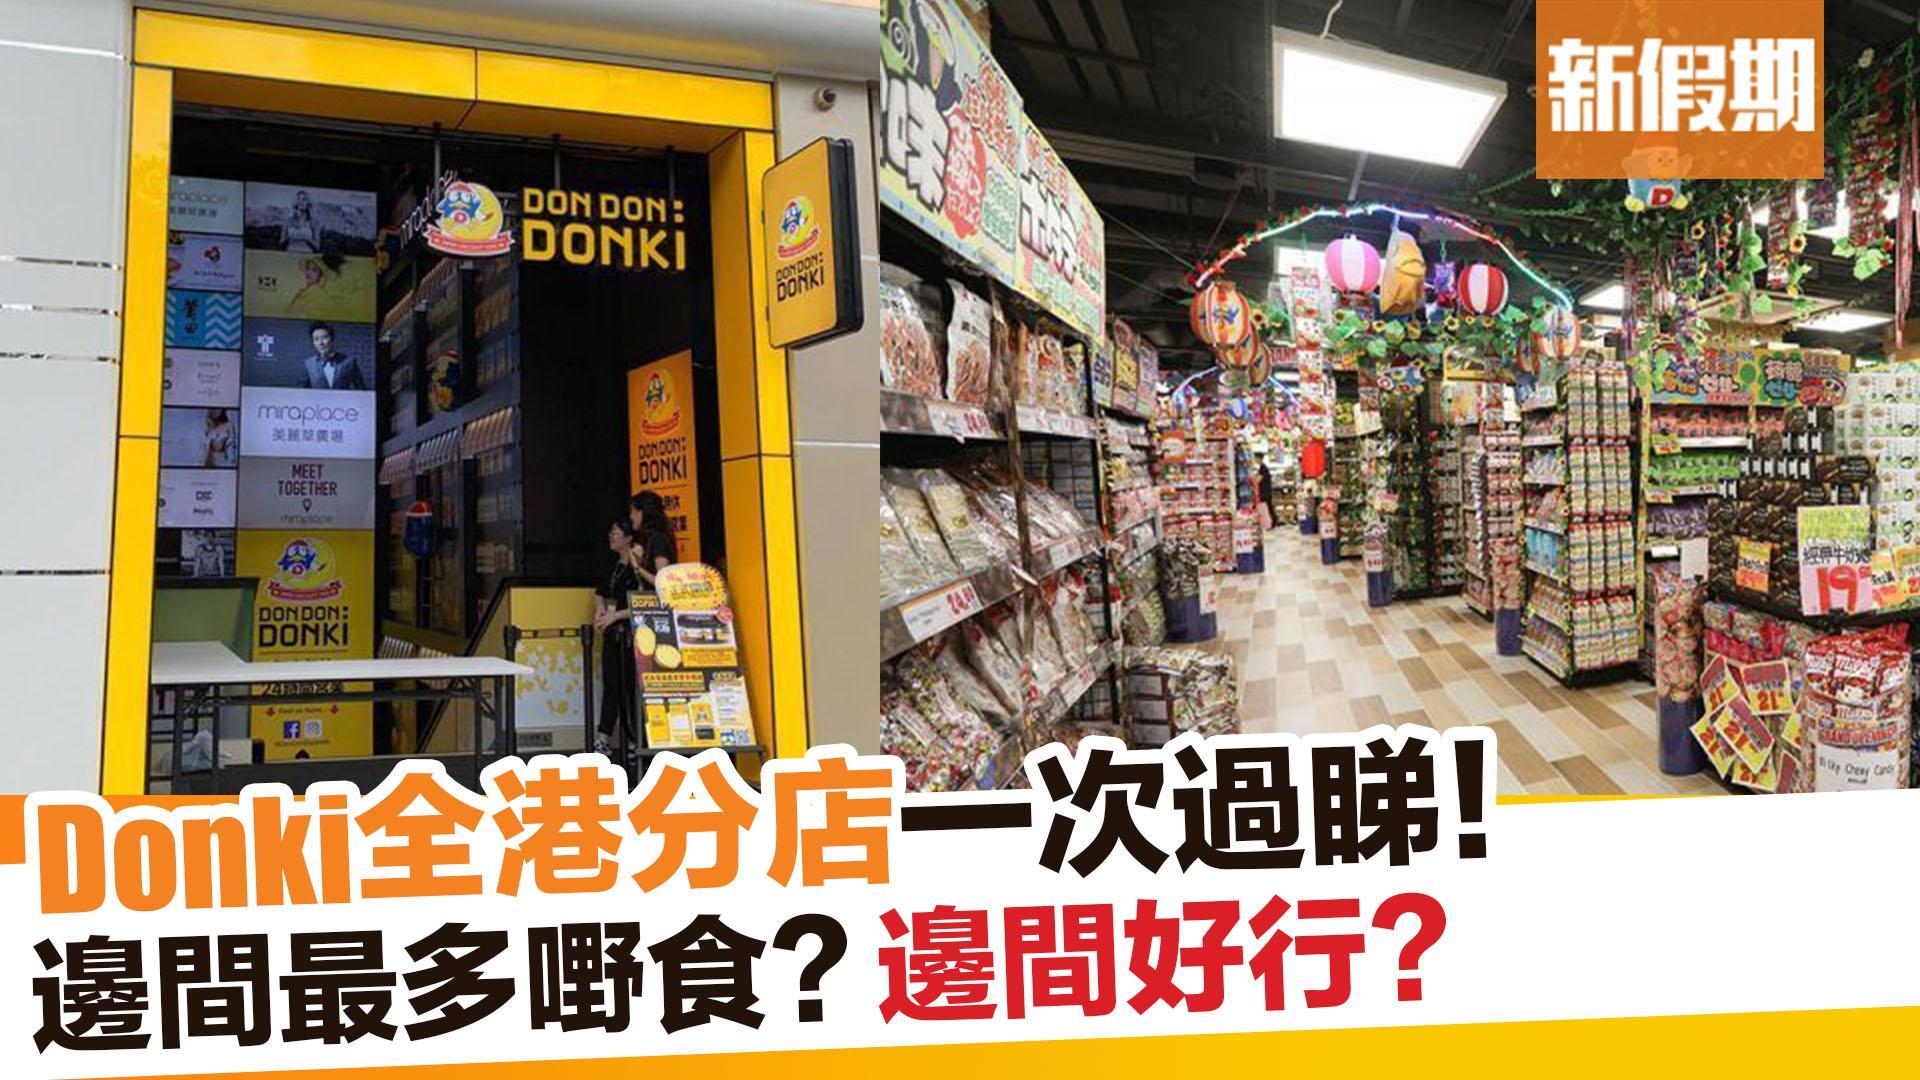 【敗家雜貨場】Donki全港分店一次過睇 新假期